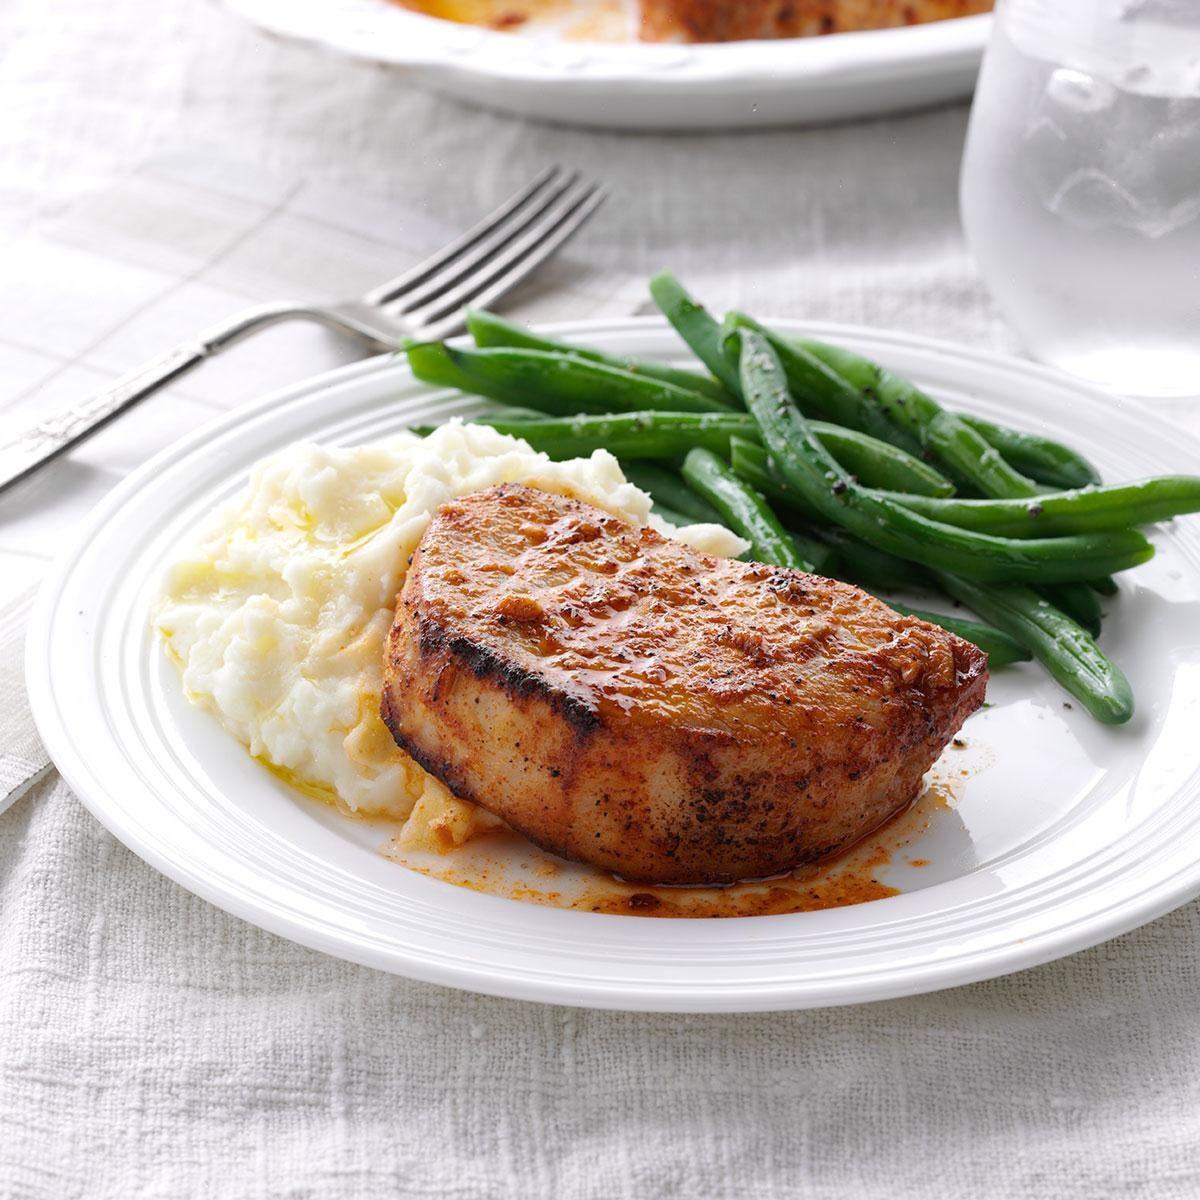 Lemon-Garlic Pork Chops Recipe